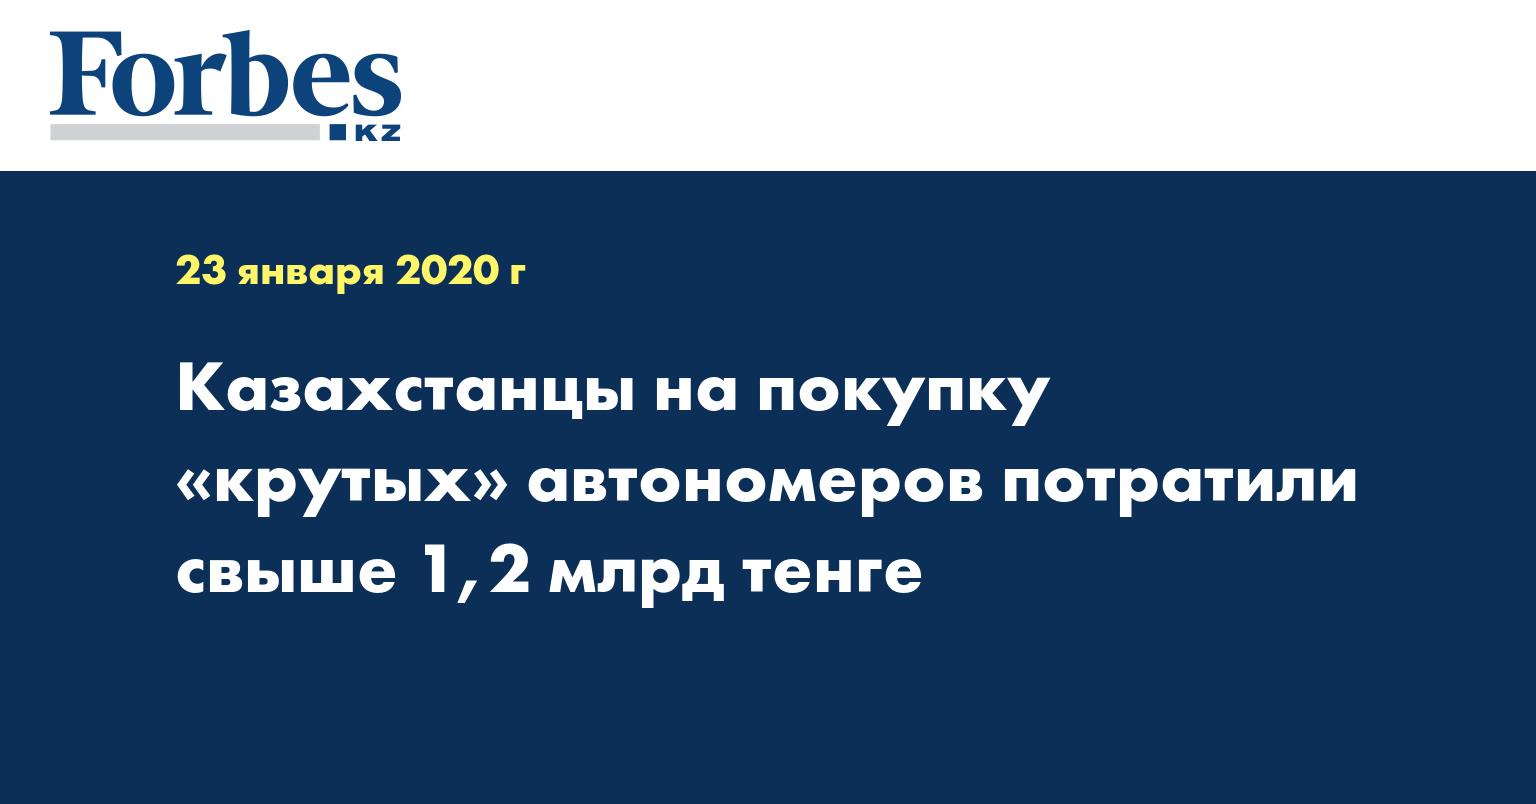 Казахстанцы на покупку «крутых» автономеров потратили свыше 1,2 млрд тенге